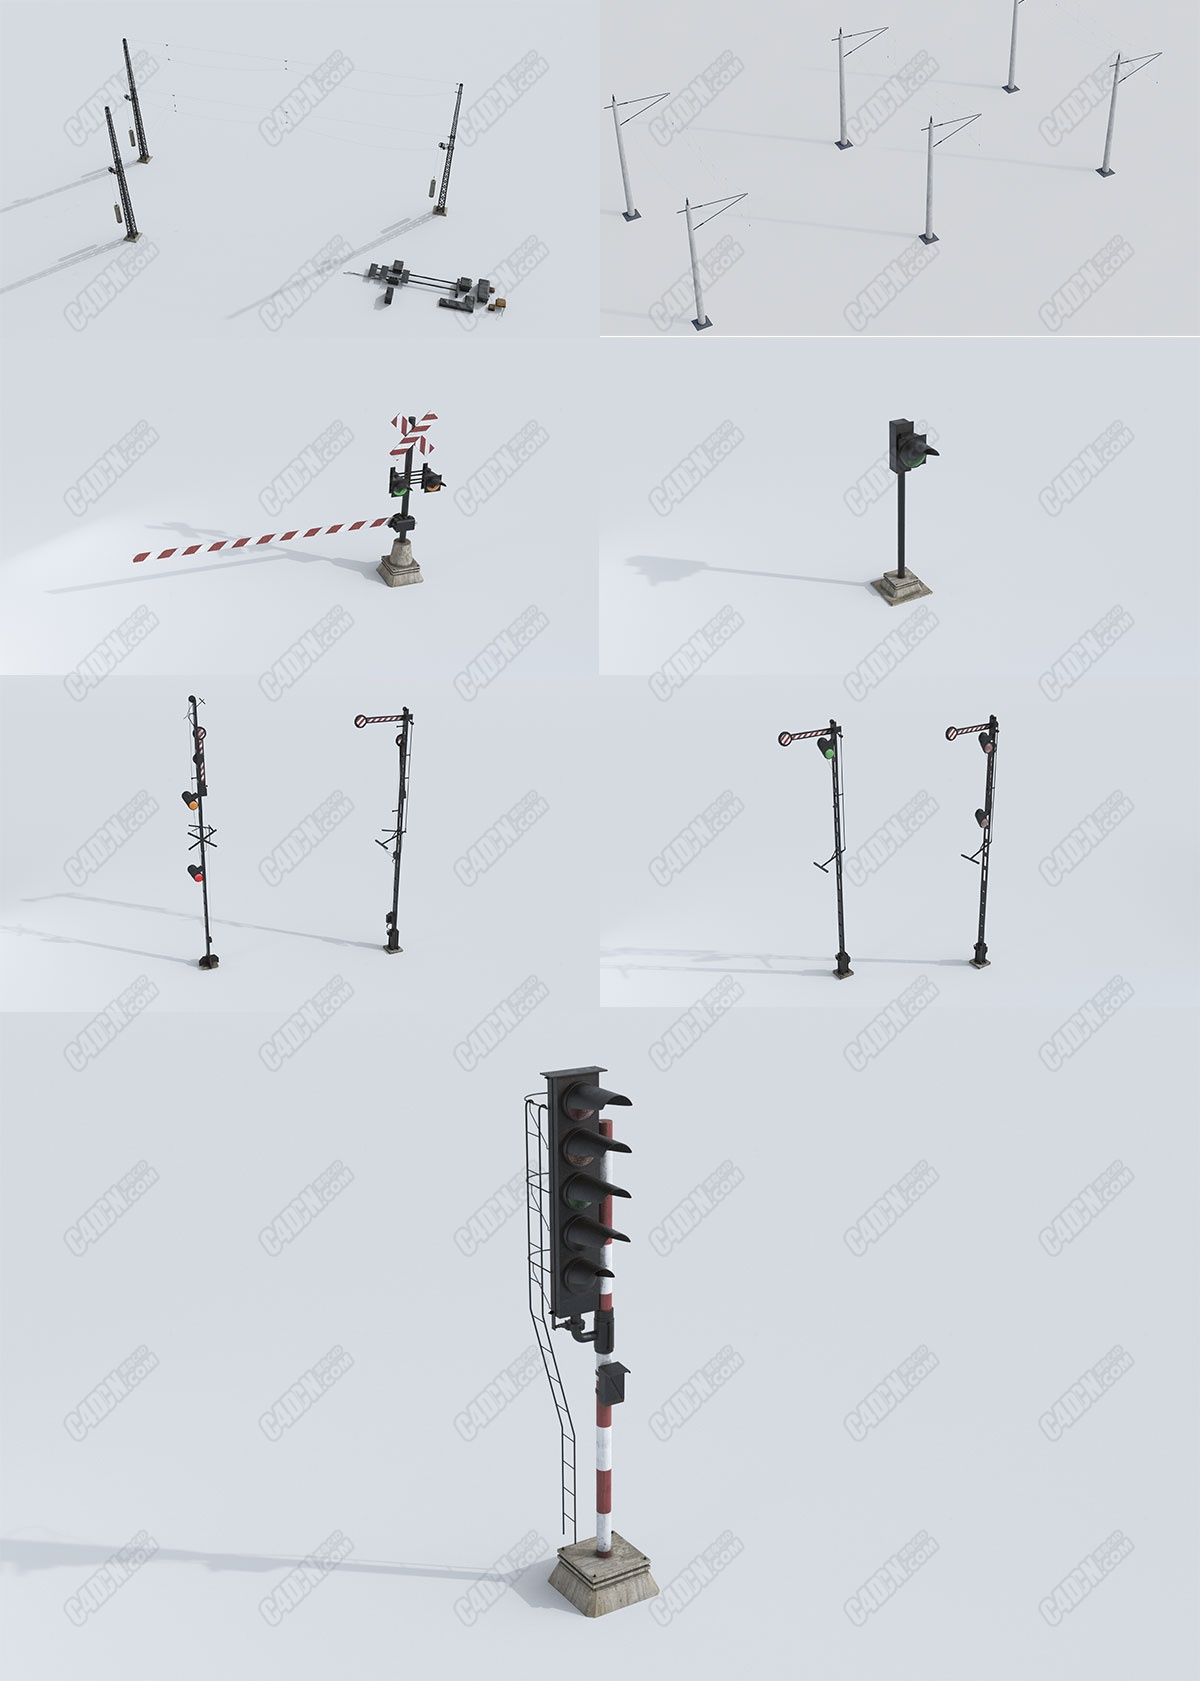 7个火车道闸口交通信号灯模型